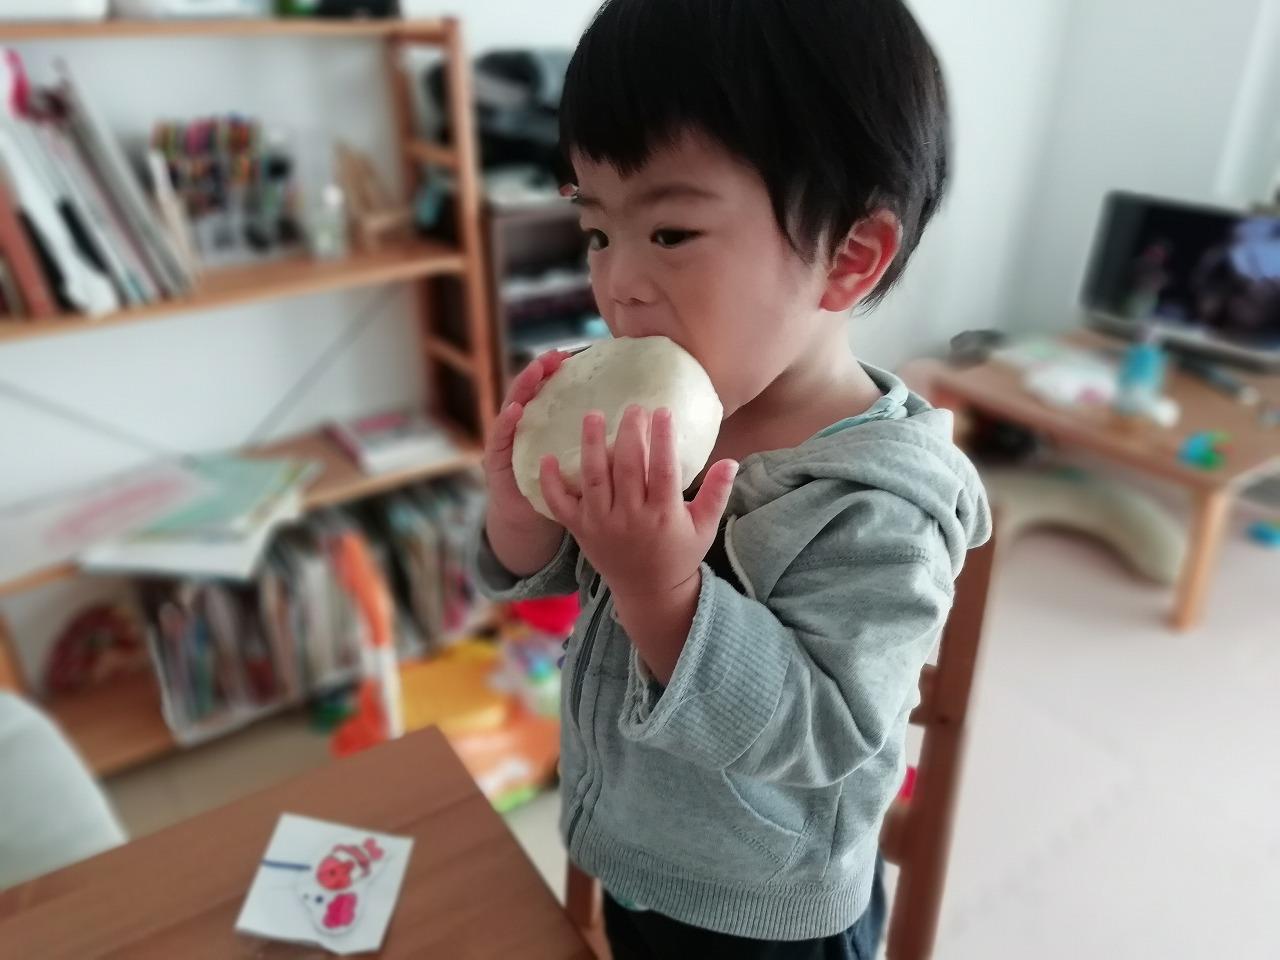 イライラの3つの原因と対策【アンガーマネジメント本】